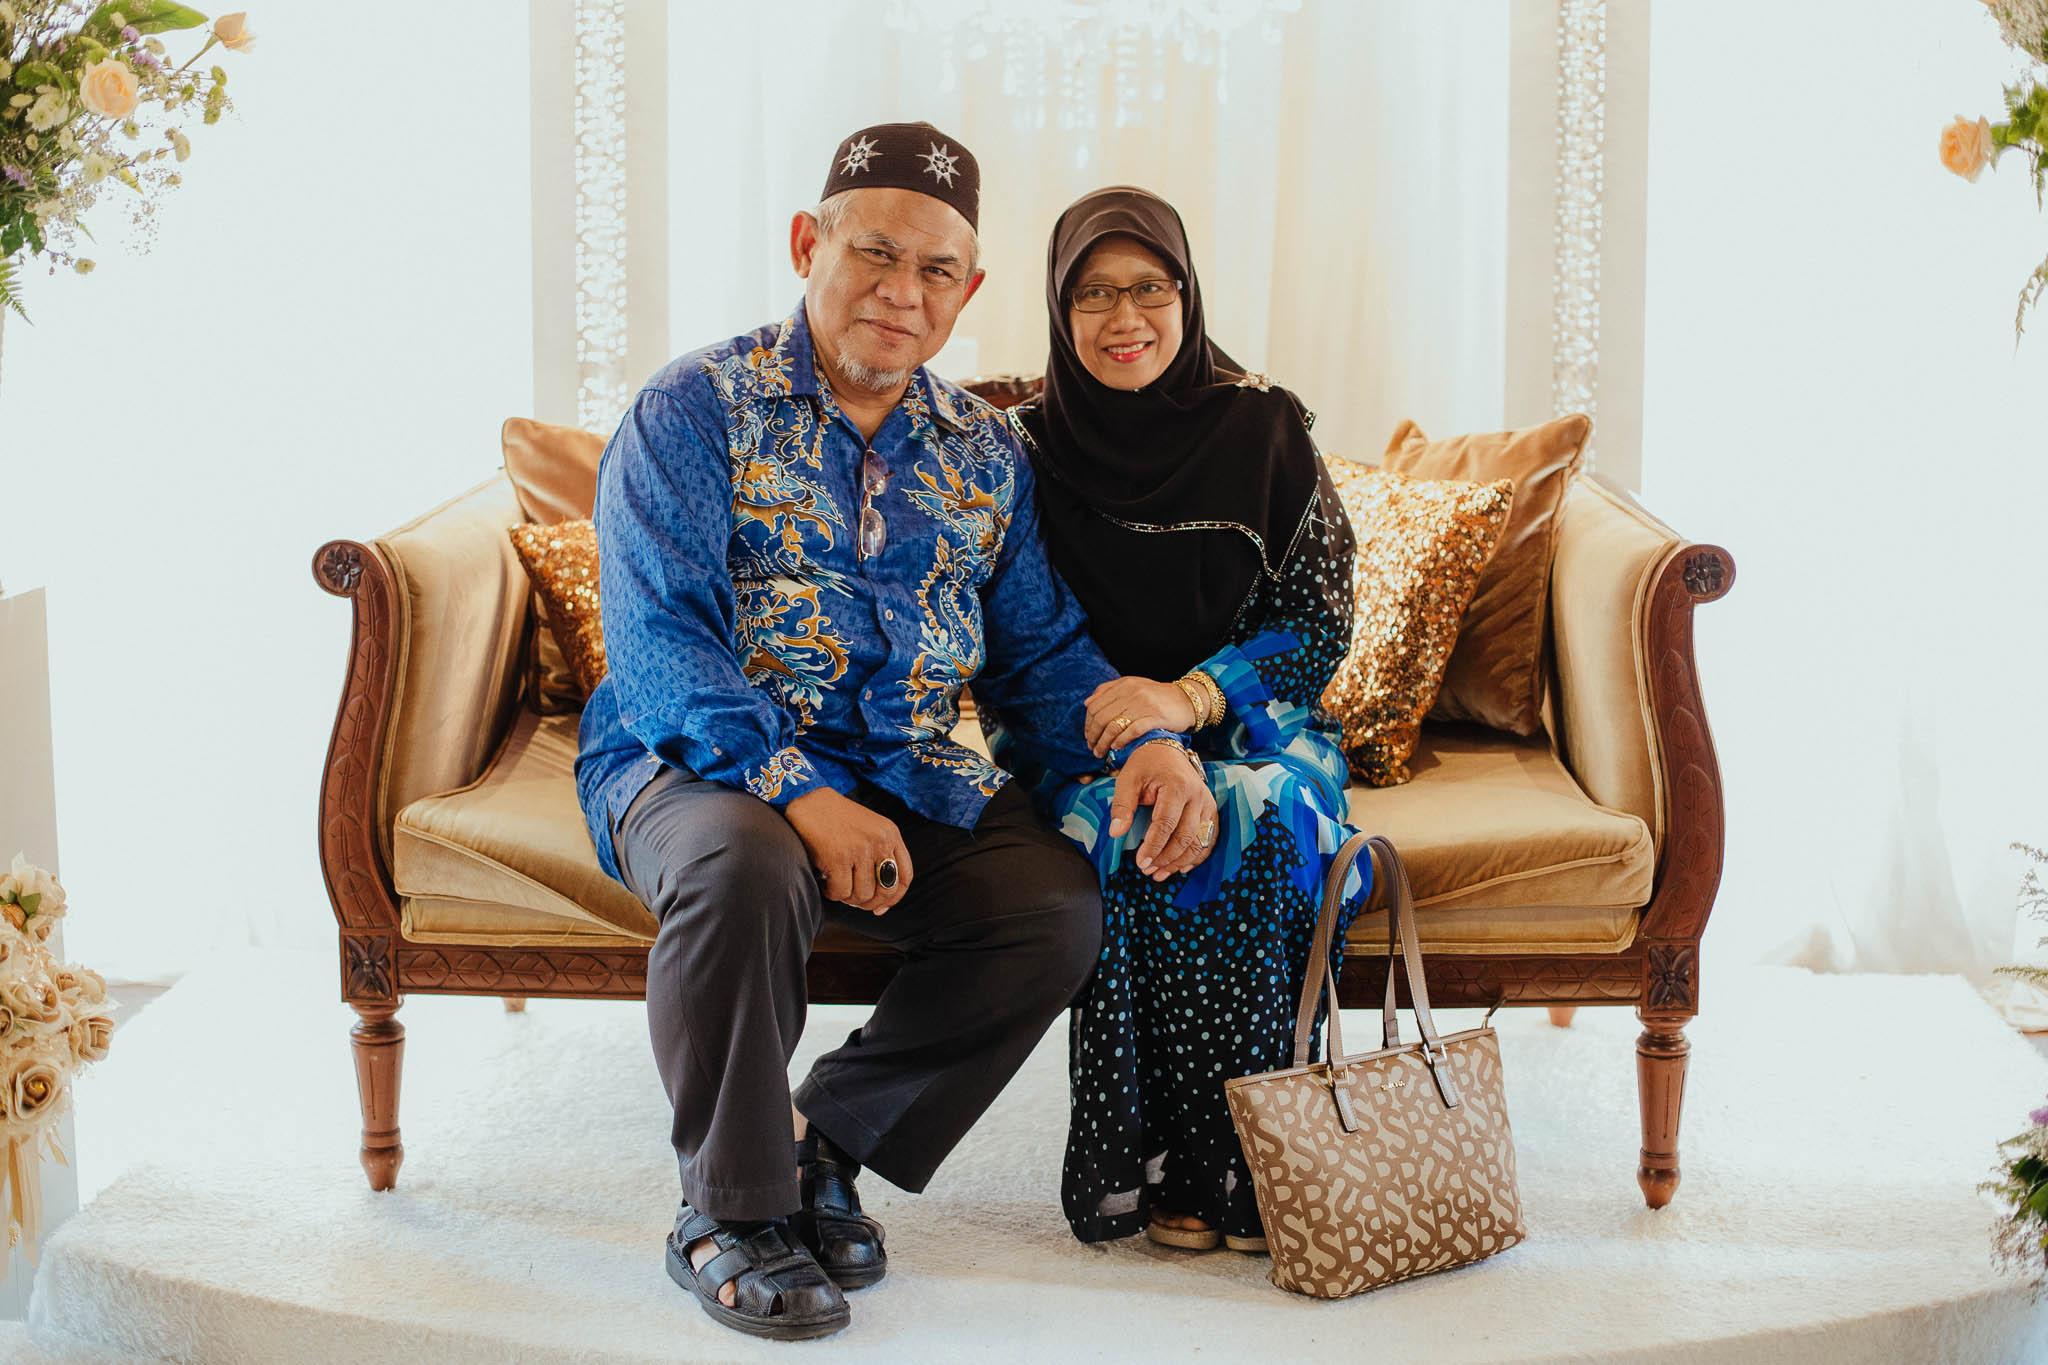 singapore-wedding-photographer-travel-wemadethese-atara-hafizah-36.jpg